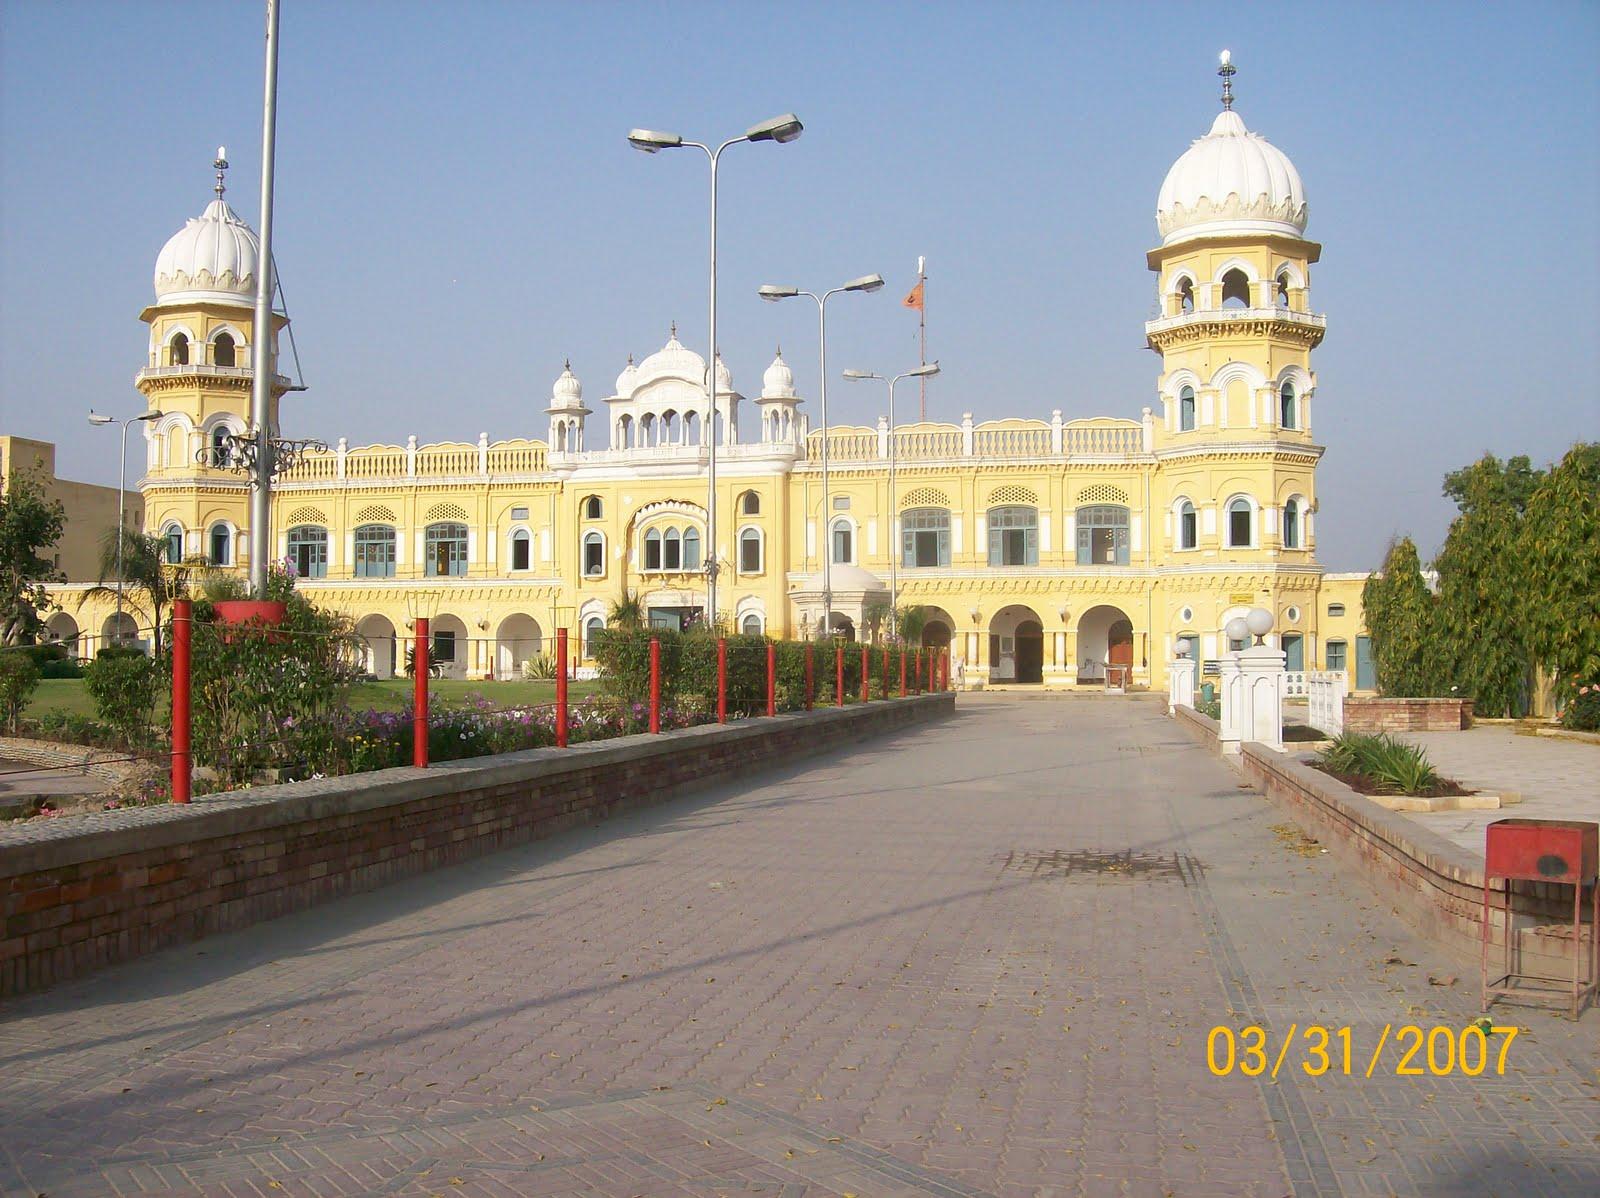 http://4.bp.blogspot.com/-eSWvrXQ8k6A/TeGpX5AJ3xI/AAAAAAAADQE/JRN9meElOds/s1600/Nankana+Sahib+Pakistan+Wallpapers+%25284%2529.JPG